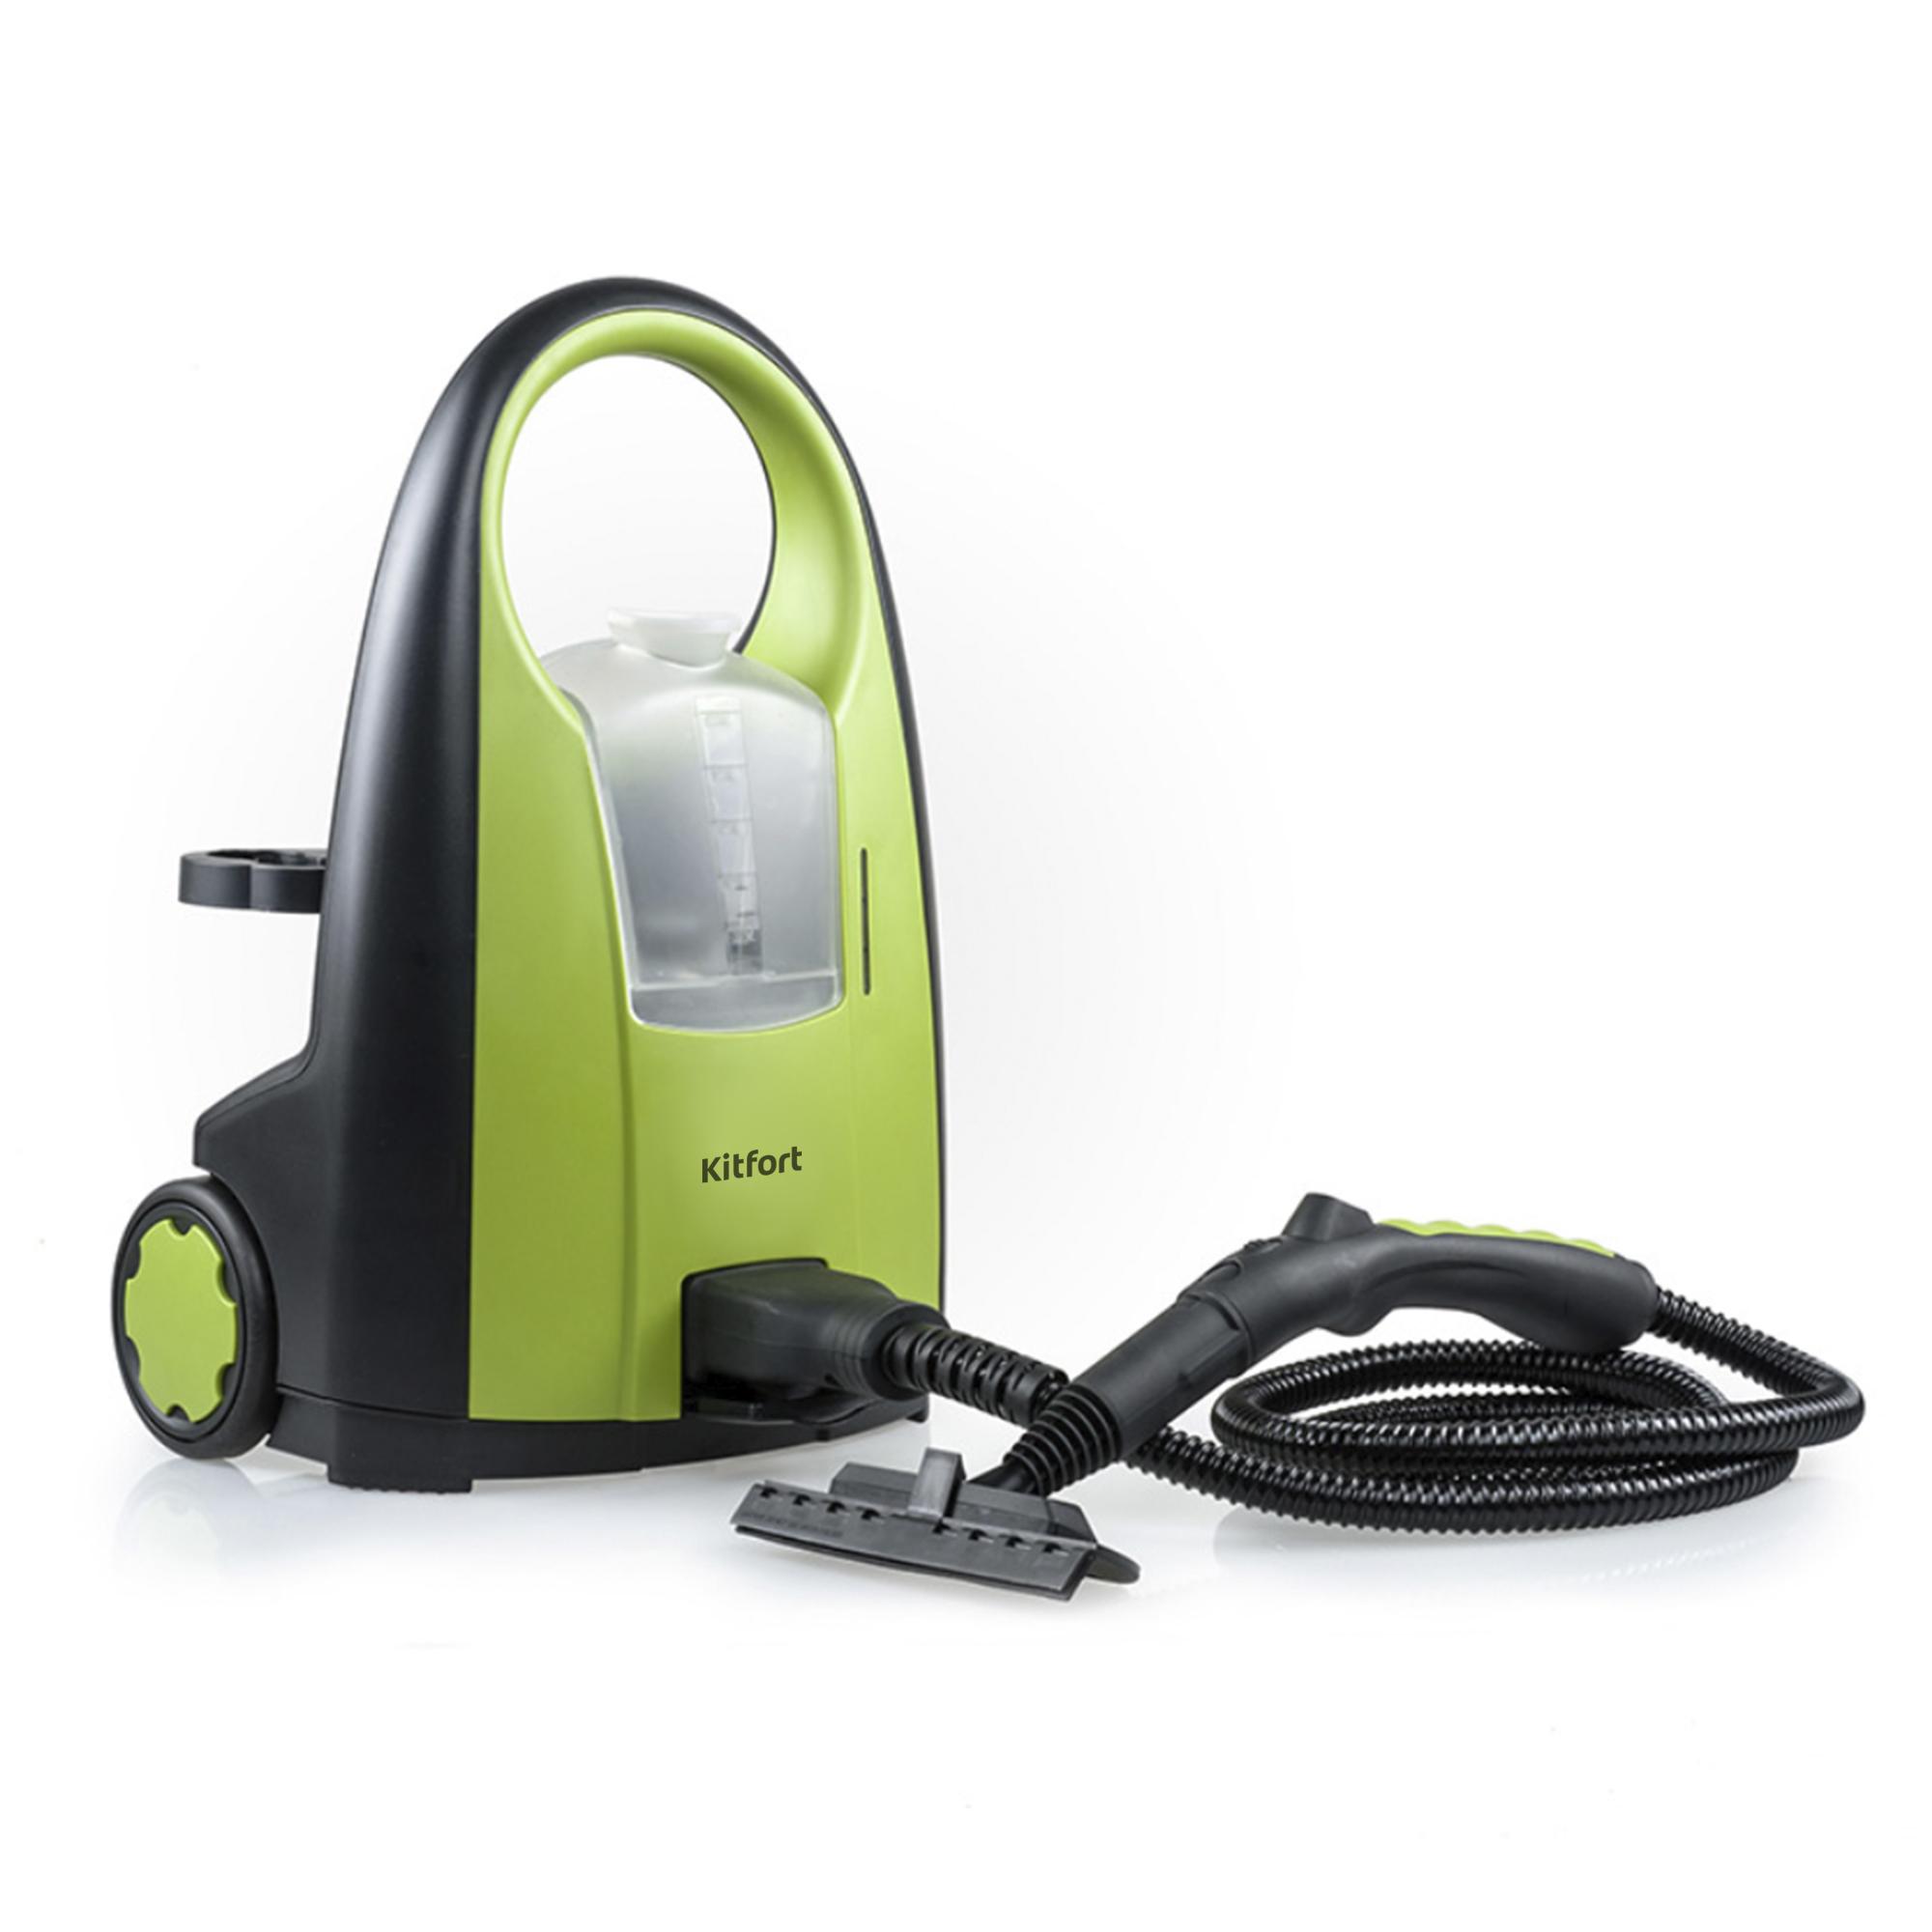 Пароочиститель Kitfort КТ-903 Professional Series купить по цене 11190 руб.: отзывы, фото, характеристики